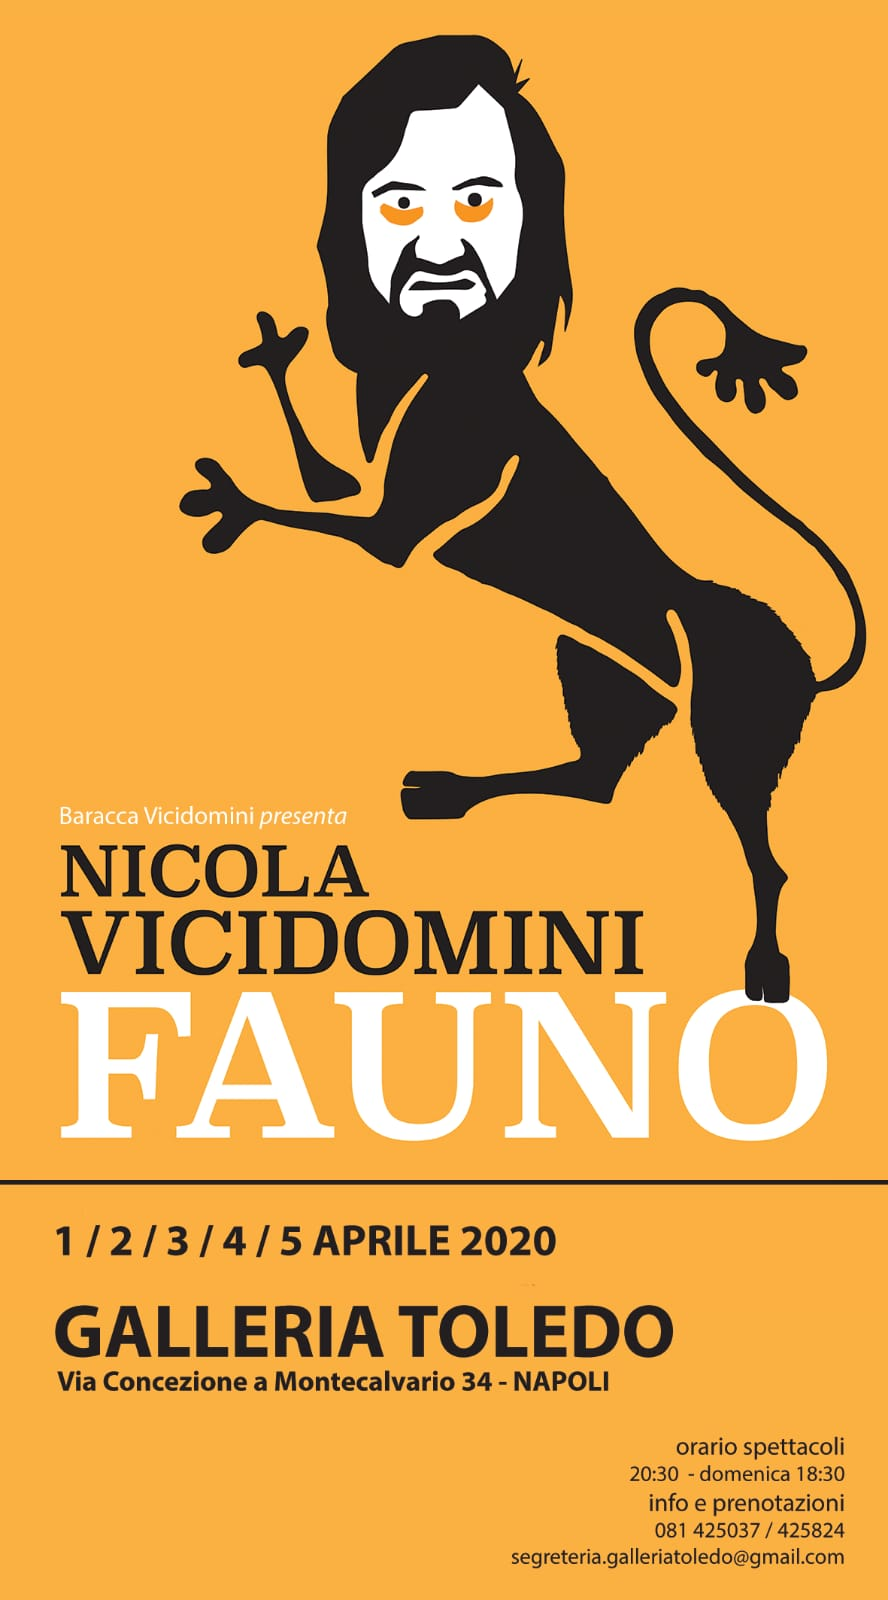 Fauno di Nicola Vicidomini